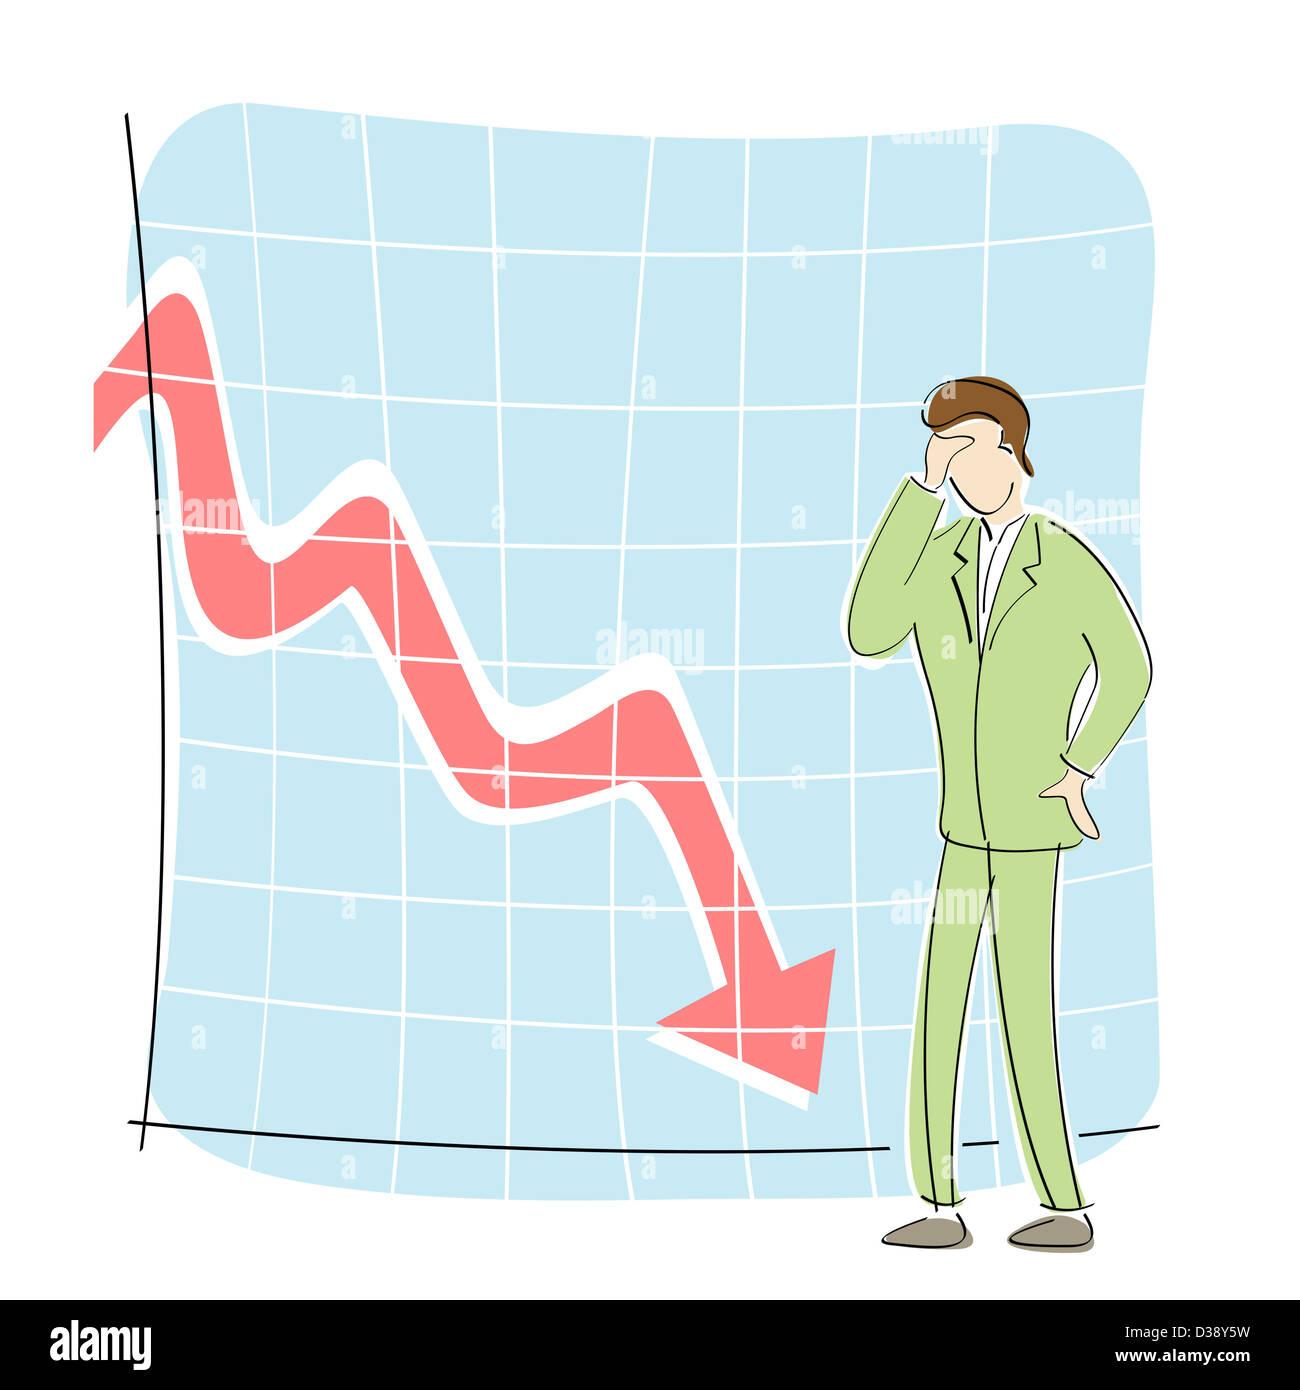 Imprenditore in piedi di fronte a una linea verso il basso grafico Immagini Stock